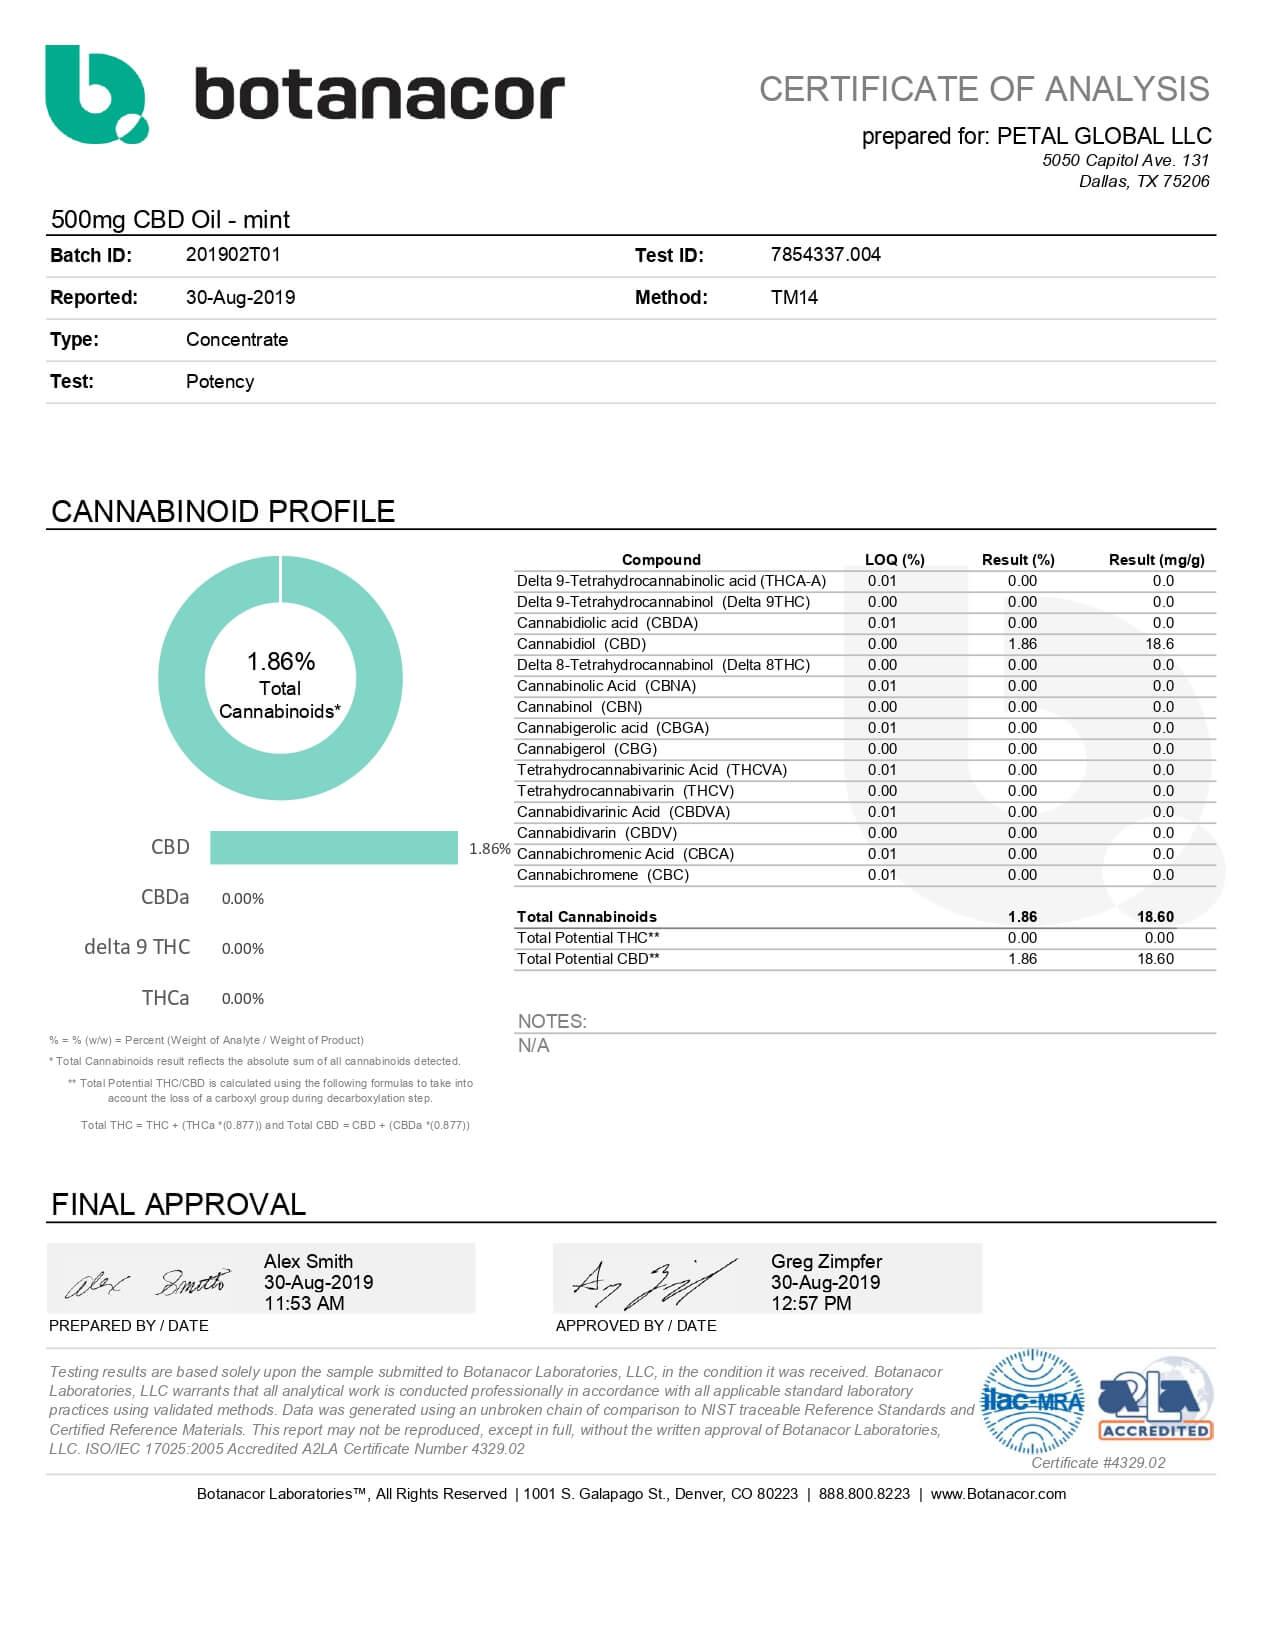 Petal CBD Tincture Mint 500mg Lab Report